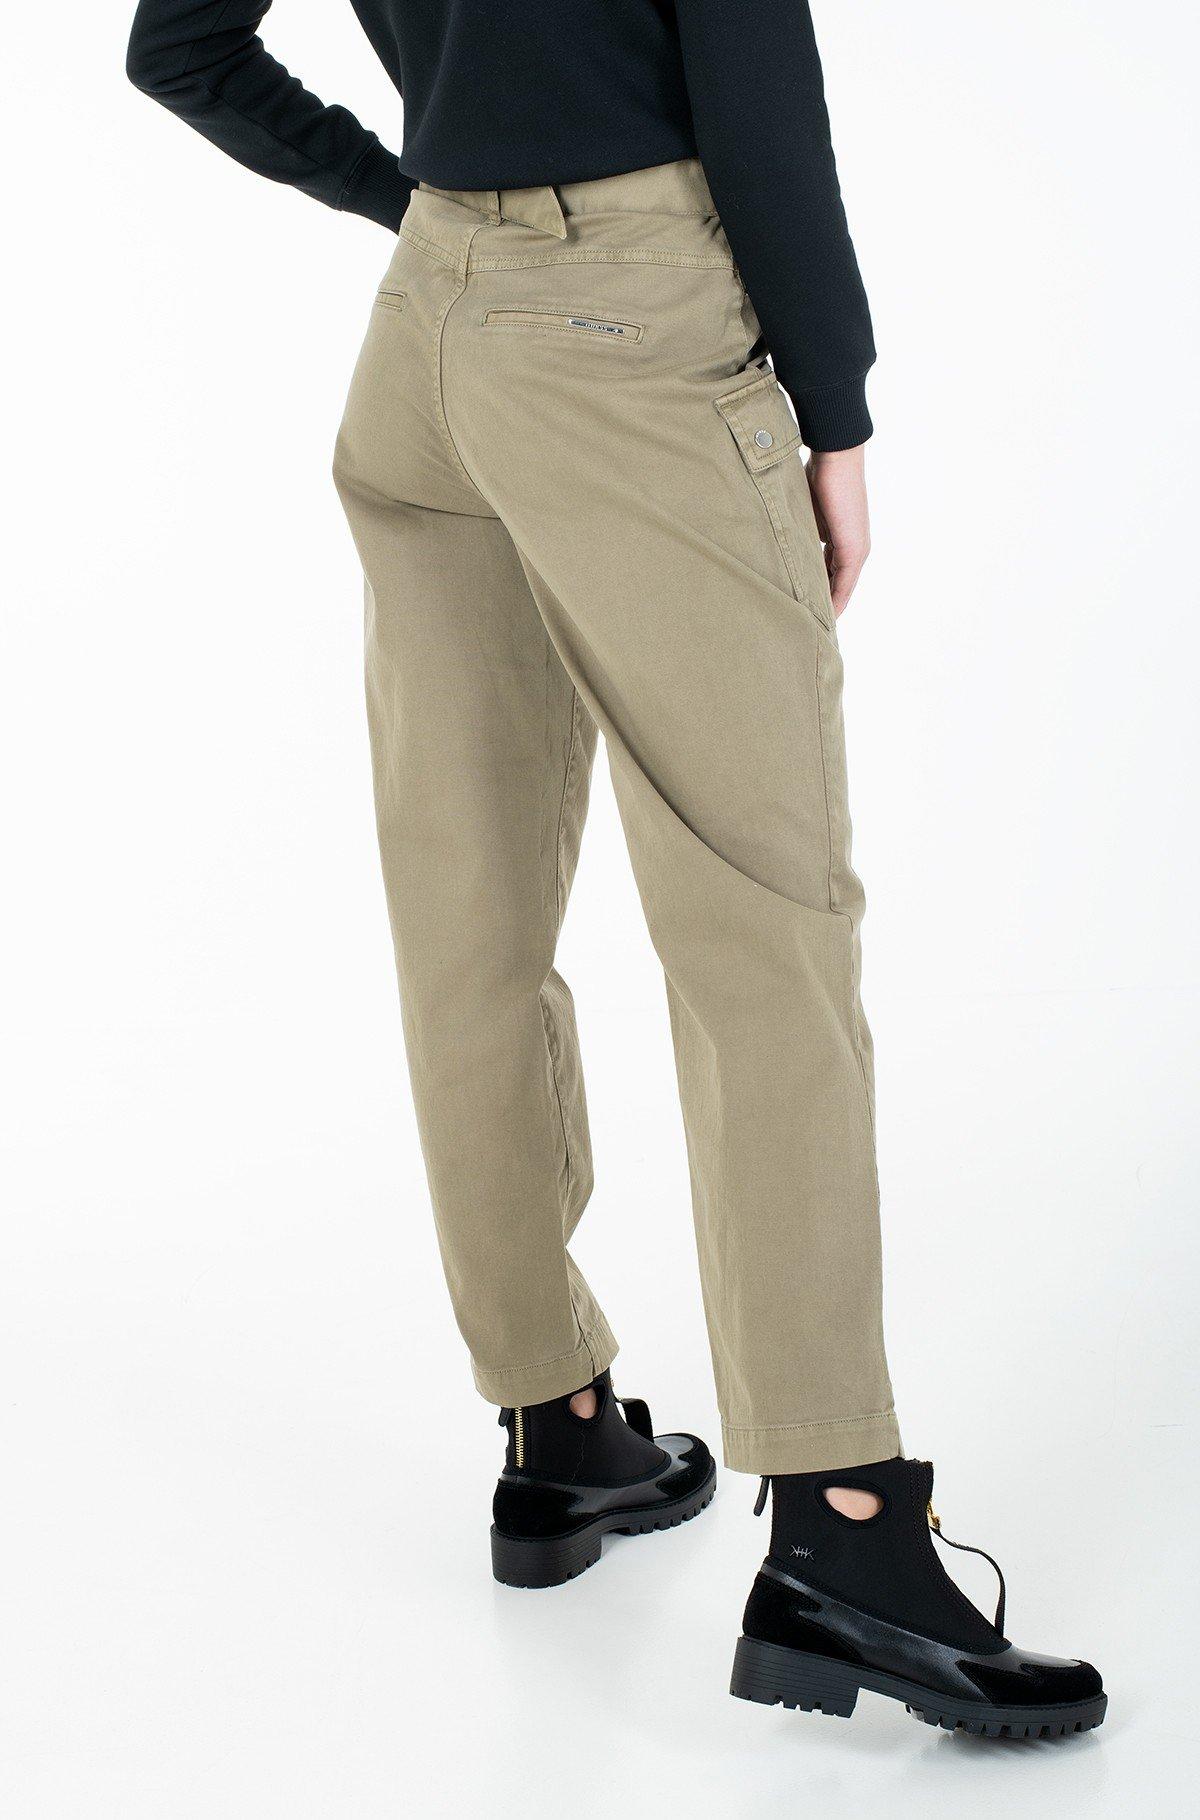 Riidest püksid W0BB05 W5DXQ-full-4